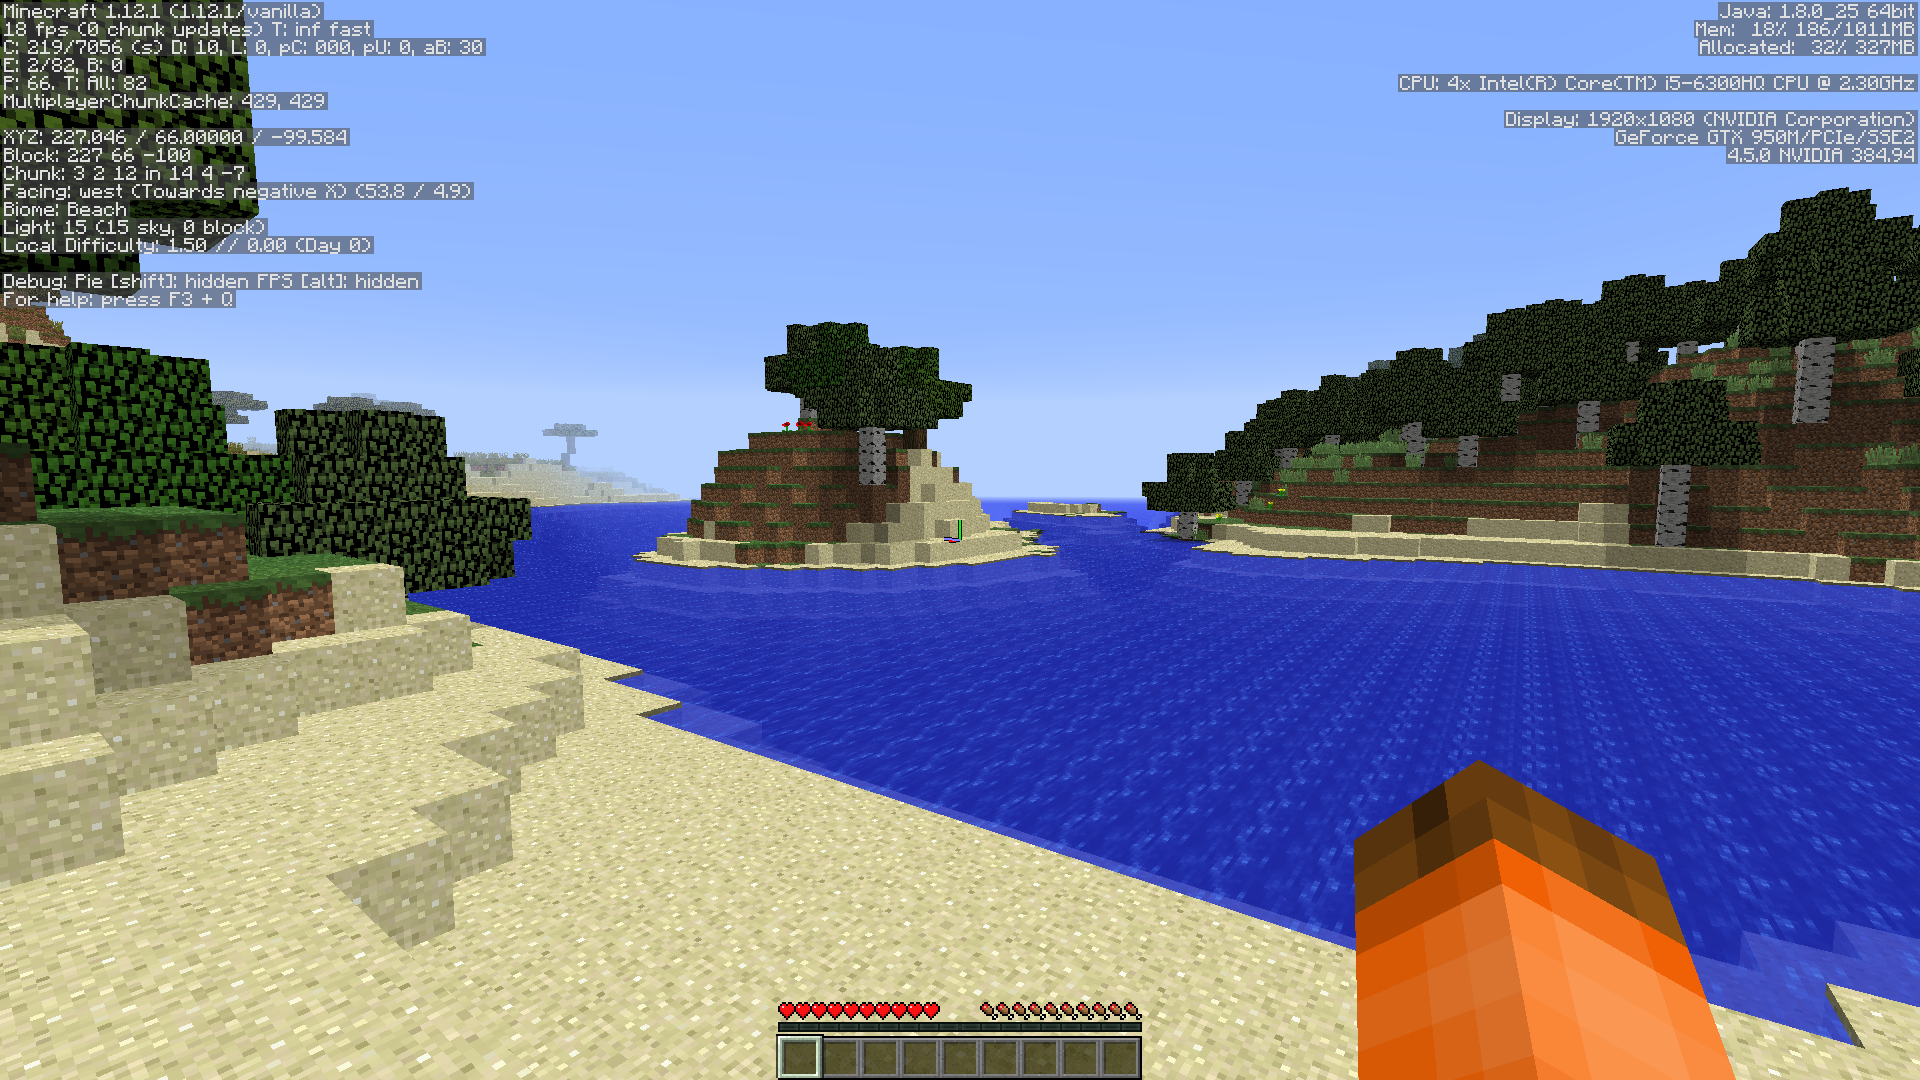 Habe Auf Ein Mal Wenig FPS In Minecraft Hilfe Minecraft Forum - Minecraft flussig spielen